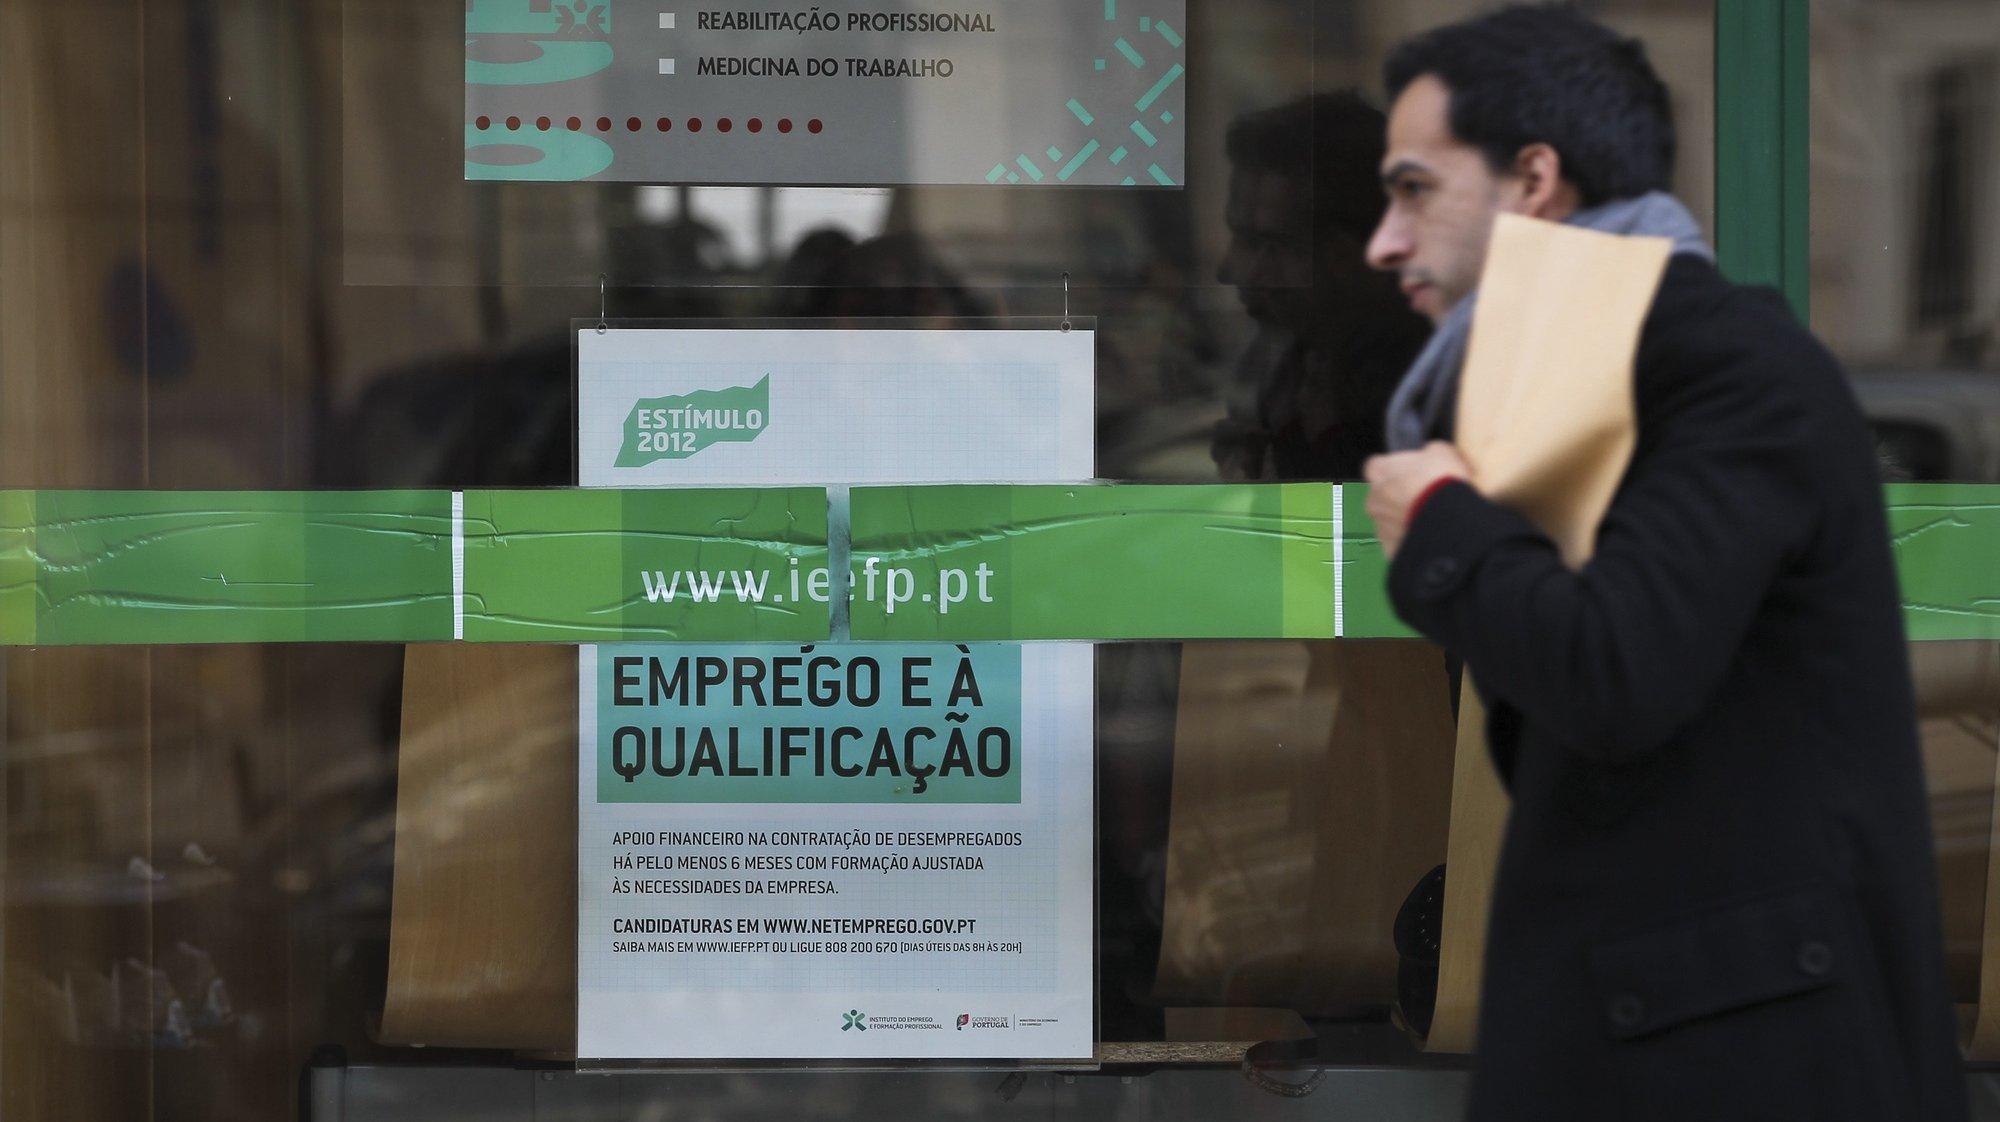 Um popular passa por um Centro de Emprego em Lisboa, 28 novembro 2012. JOSÉ SENA GOULÃO / LUSA